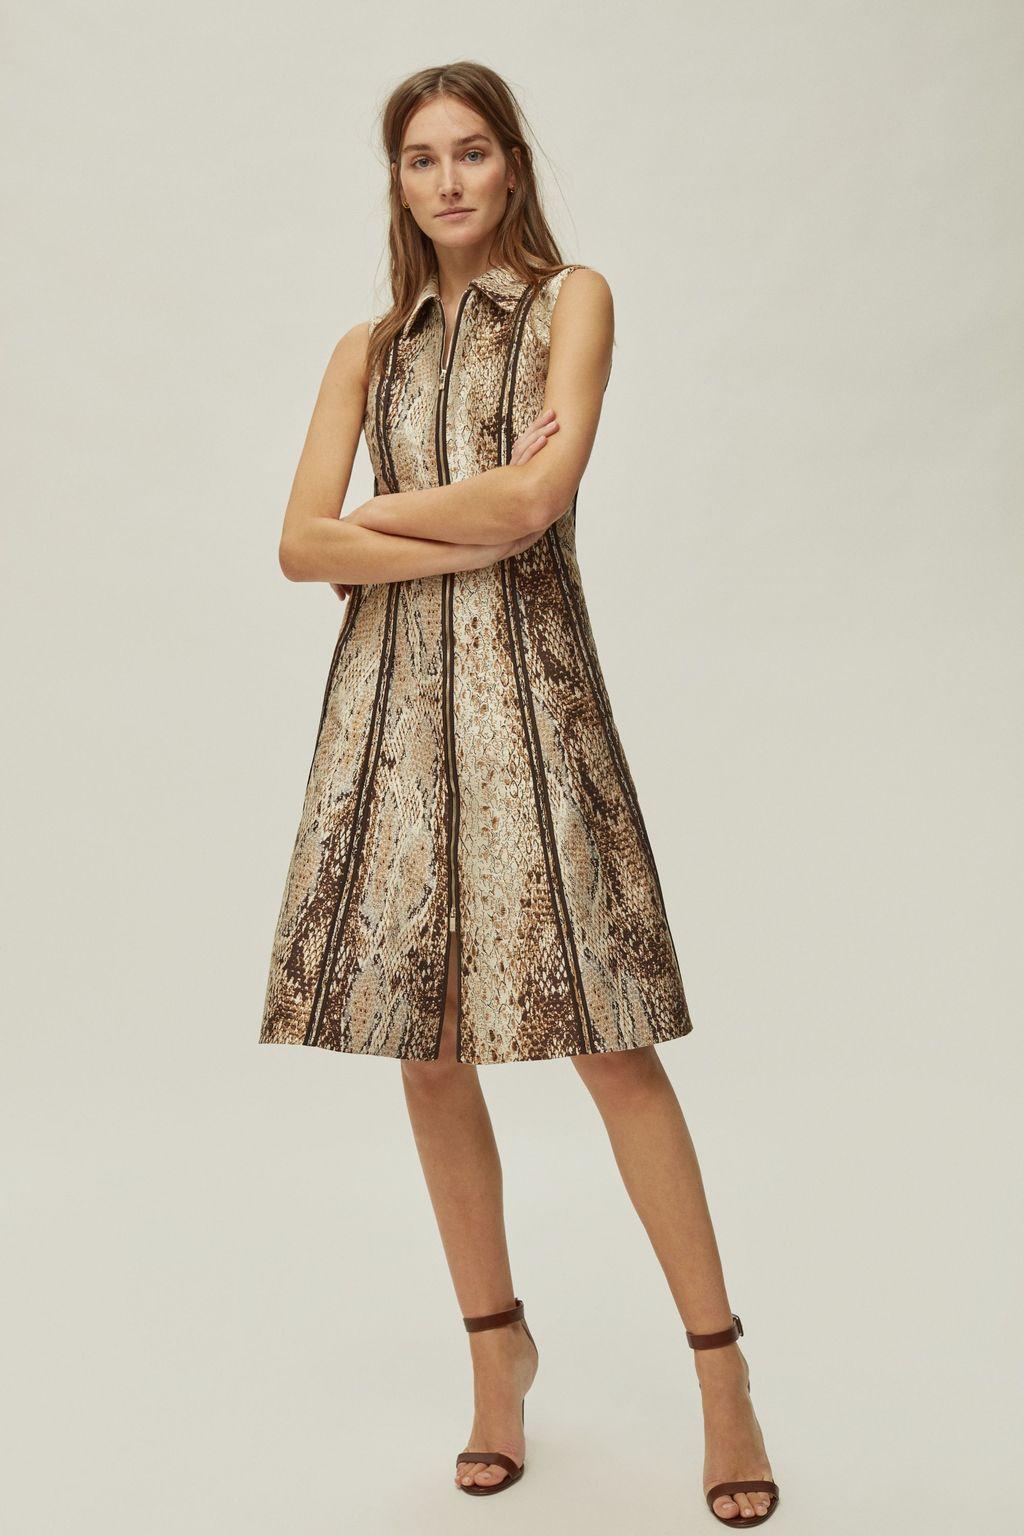 Python jacquard dress